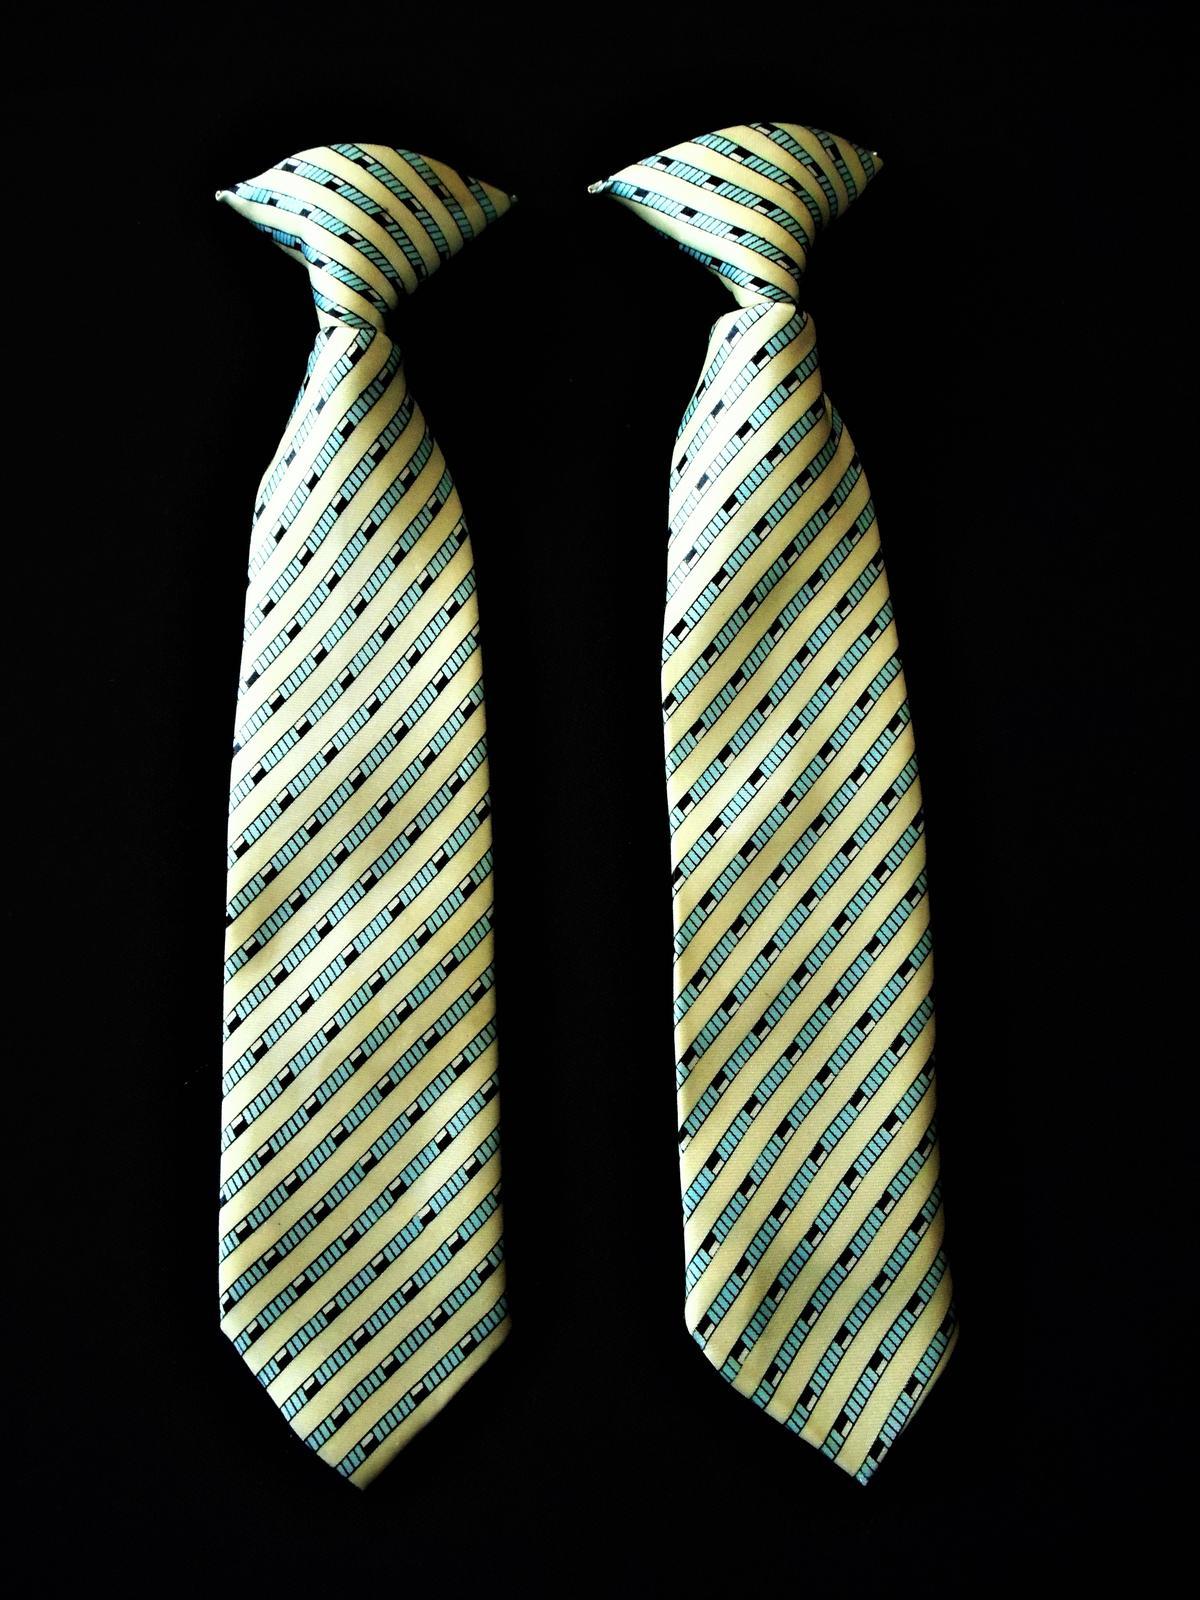 2x detská kravata cena spolu - Obrázok č. 2